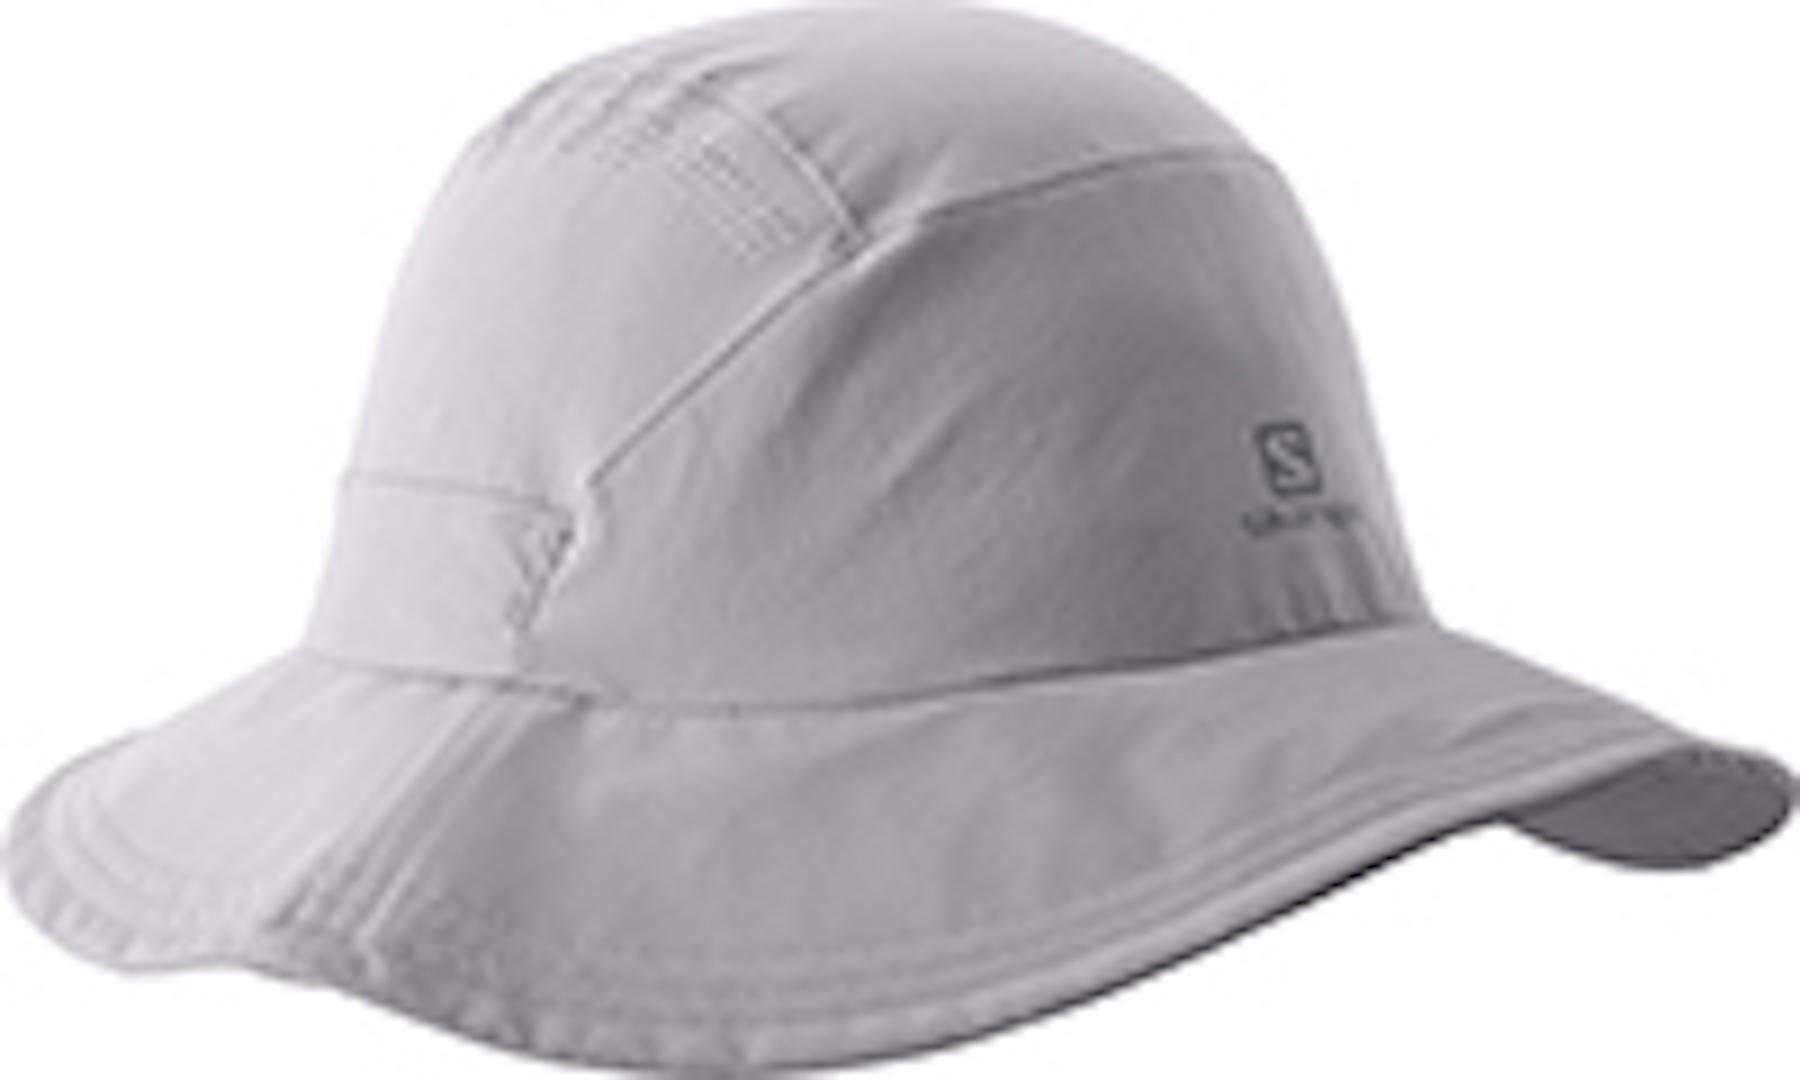 Salomon Mountain Hat - Hut